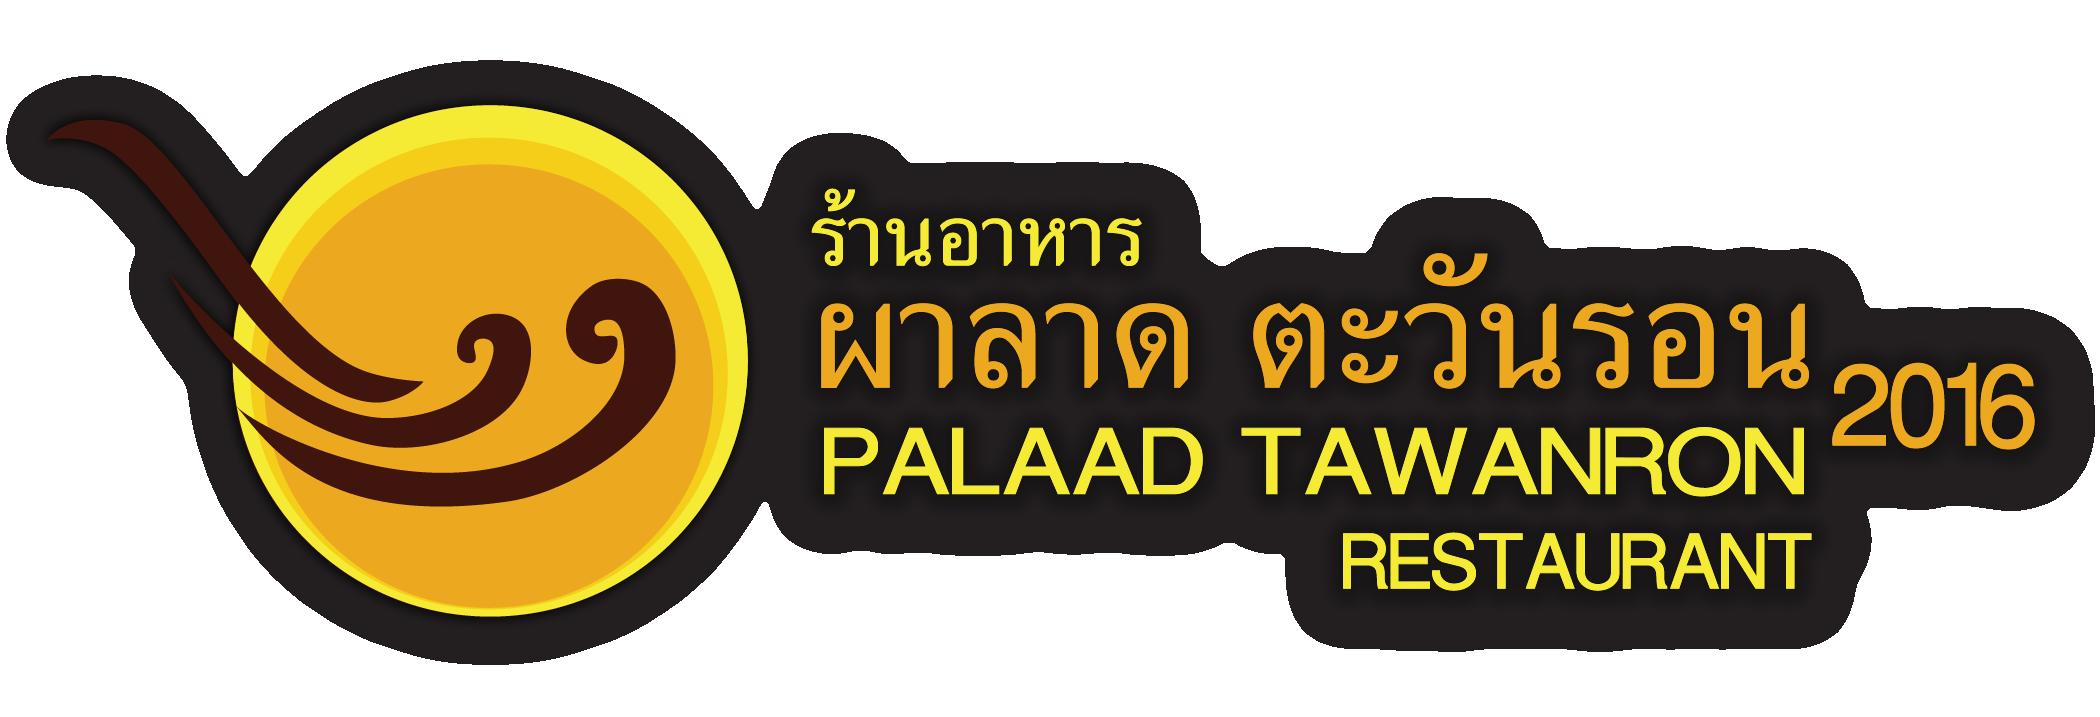 Palaadtawanron 2016